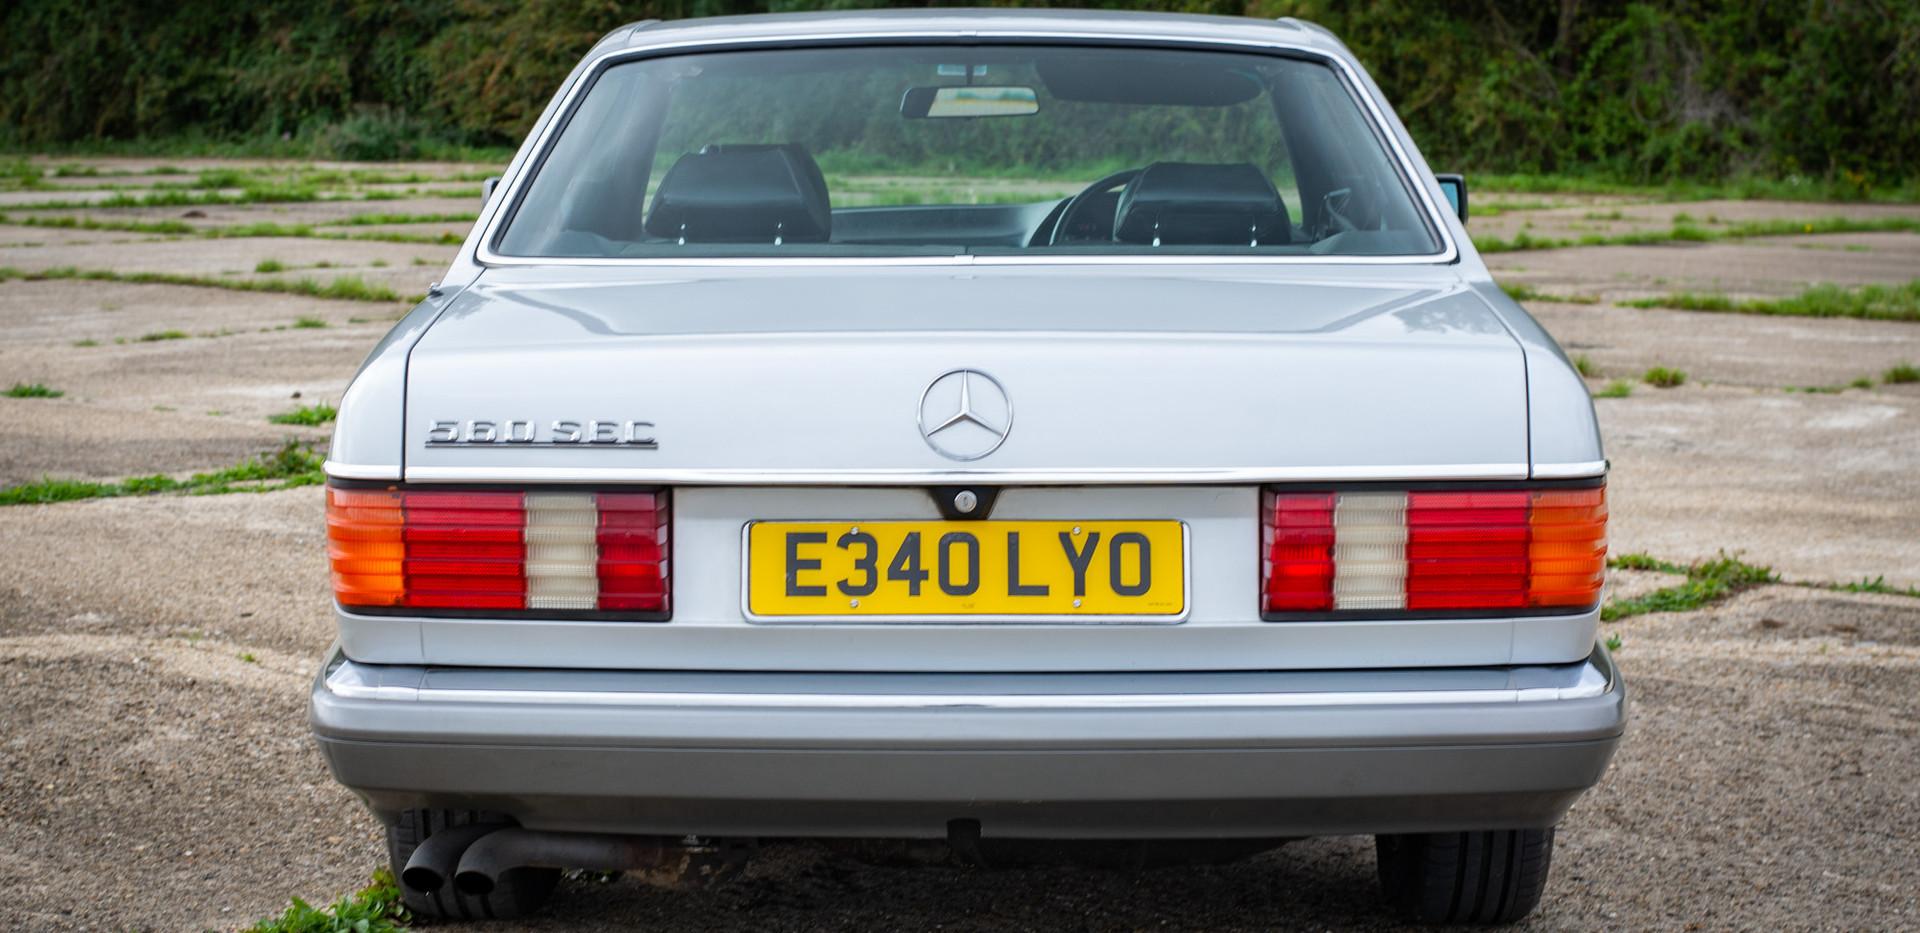 W126 420SEC - Uk for sale london-15.jpg